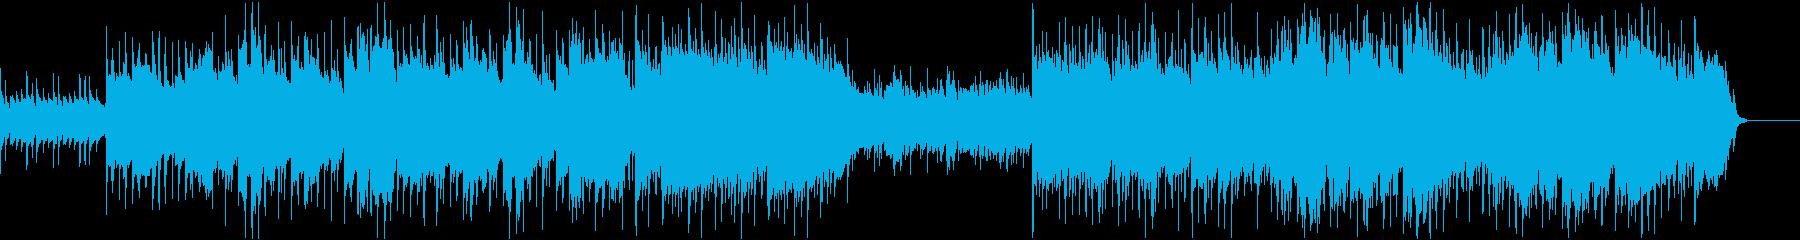 爽やかな雰囲気のアコースティック曲の再生済みの波形